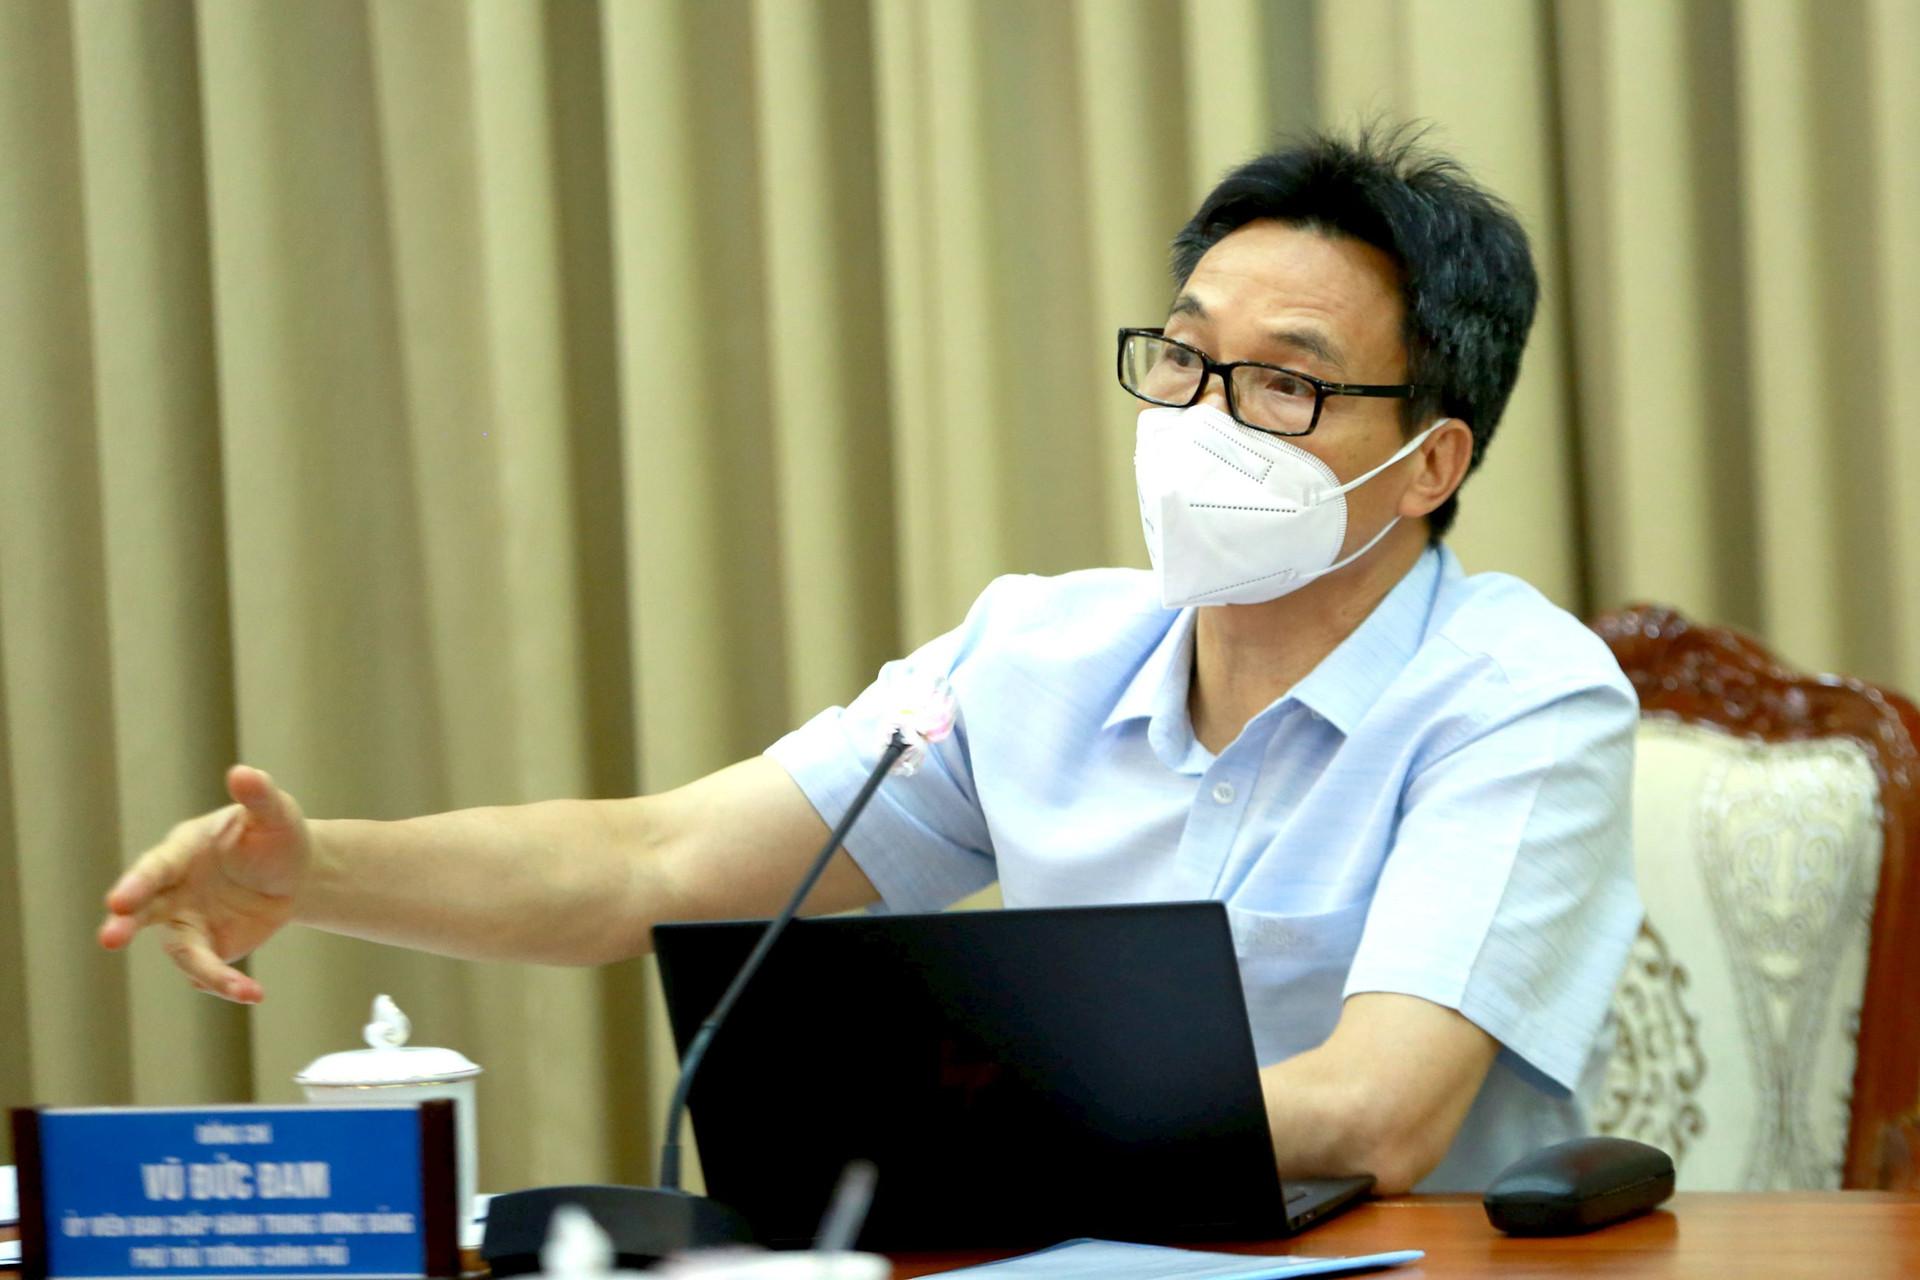 tphcm-can-uu-tien-khoi-phuc-hoat-dong-cua-doanh-nghiep-lon-khu-cong-nghe-cao.jpg